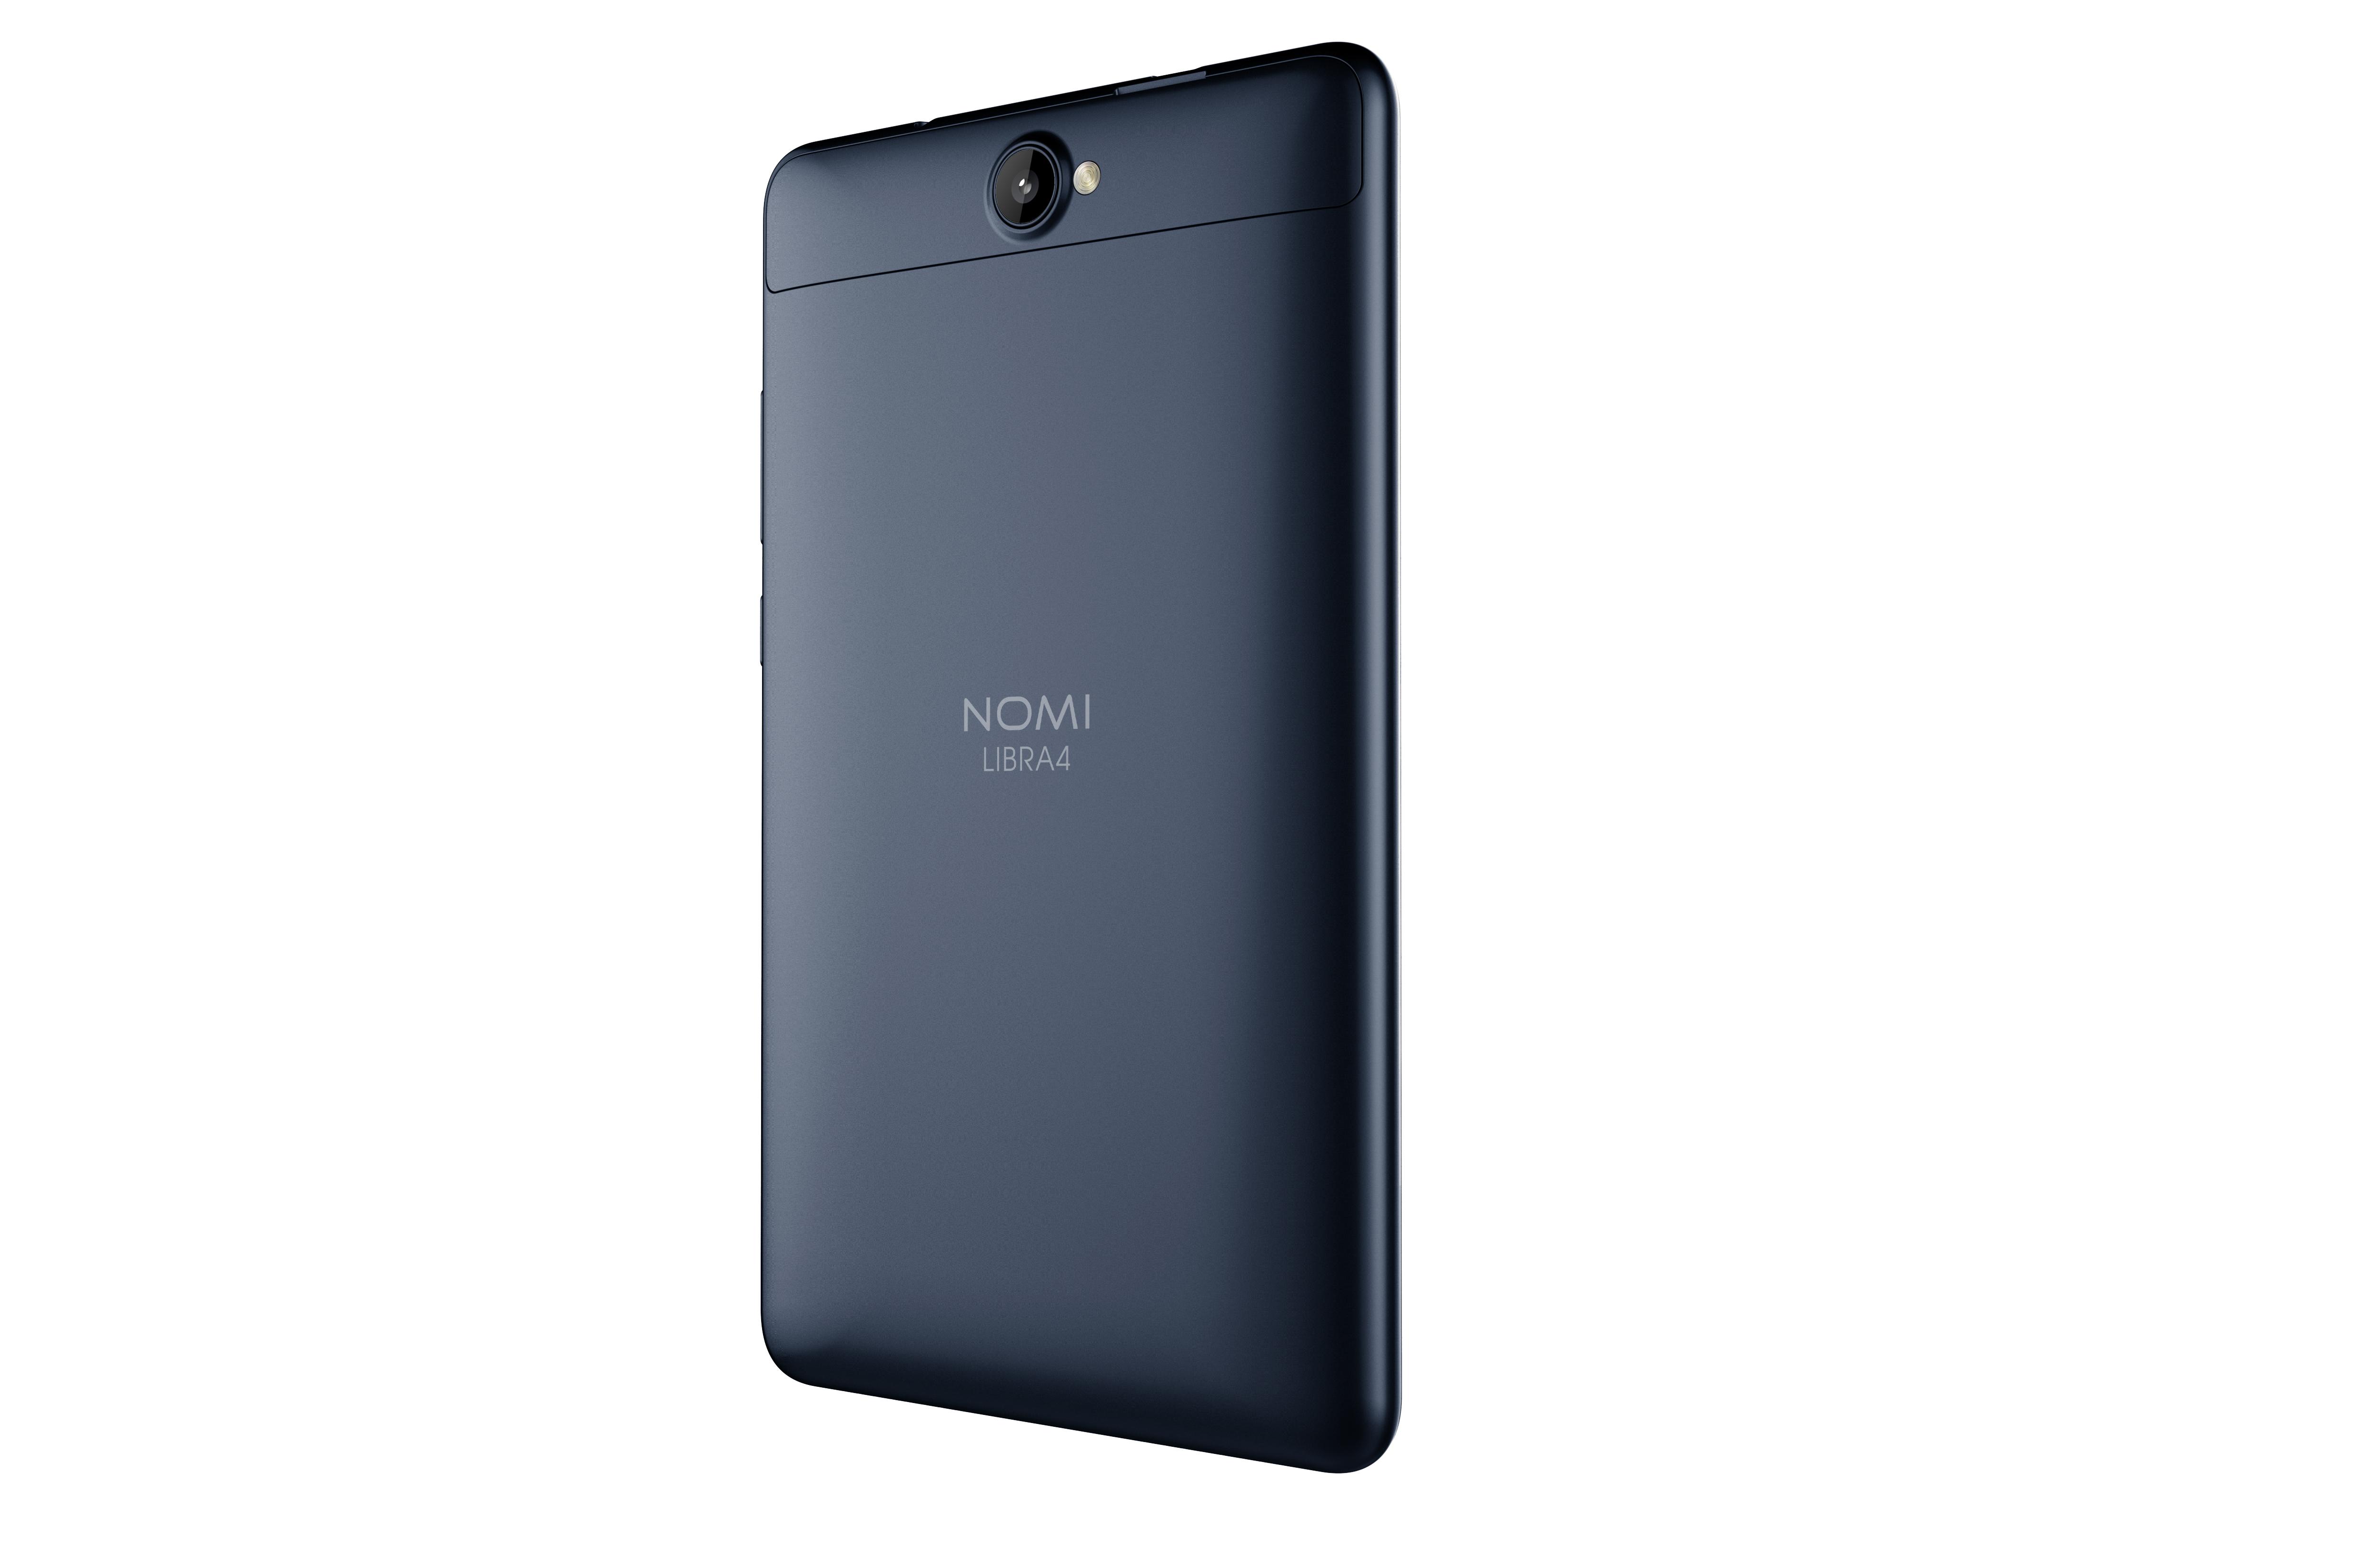 Nomi начала продажи планшета с LTE/4G и Android 8.1 в Украине